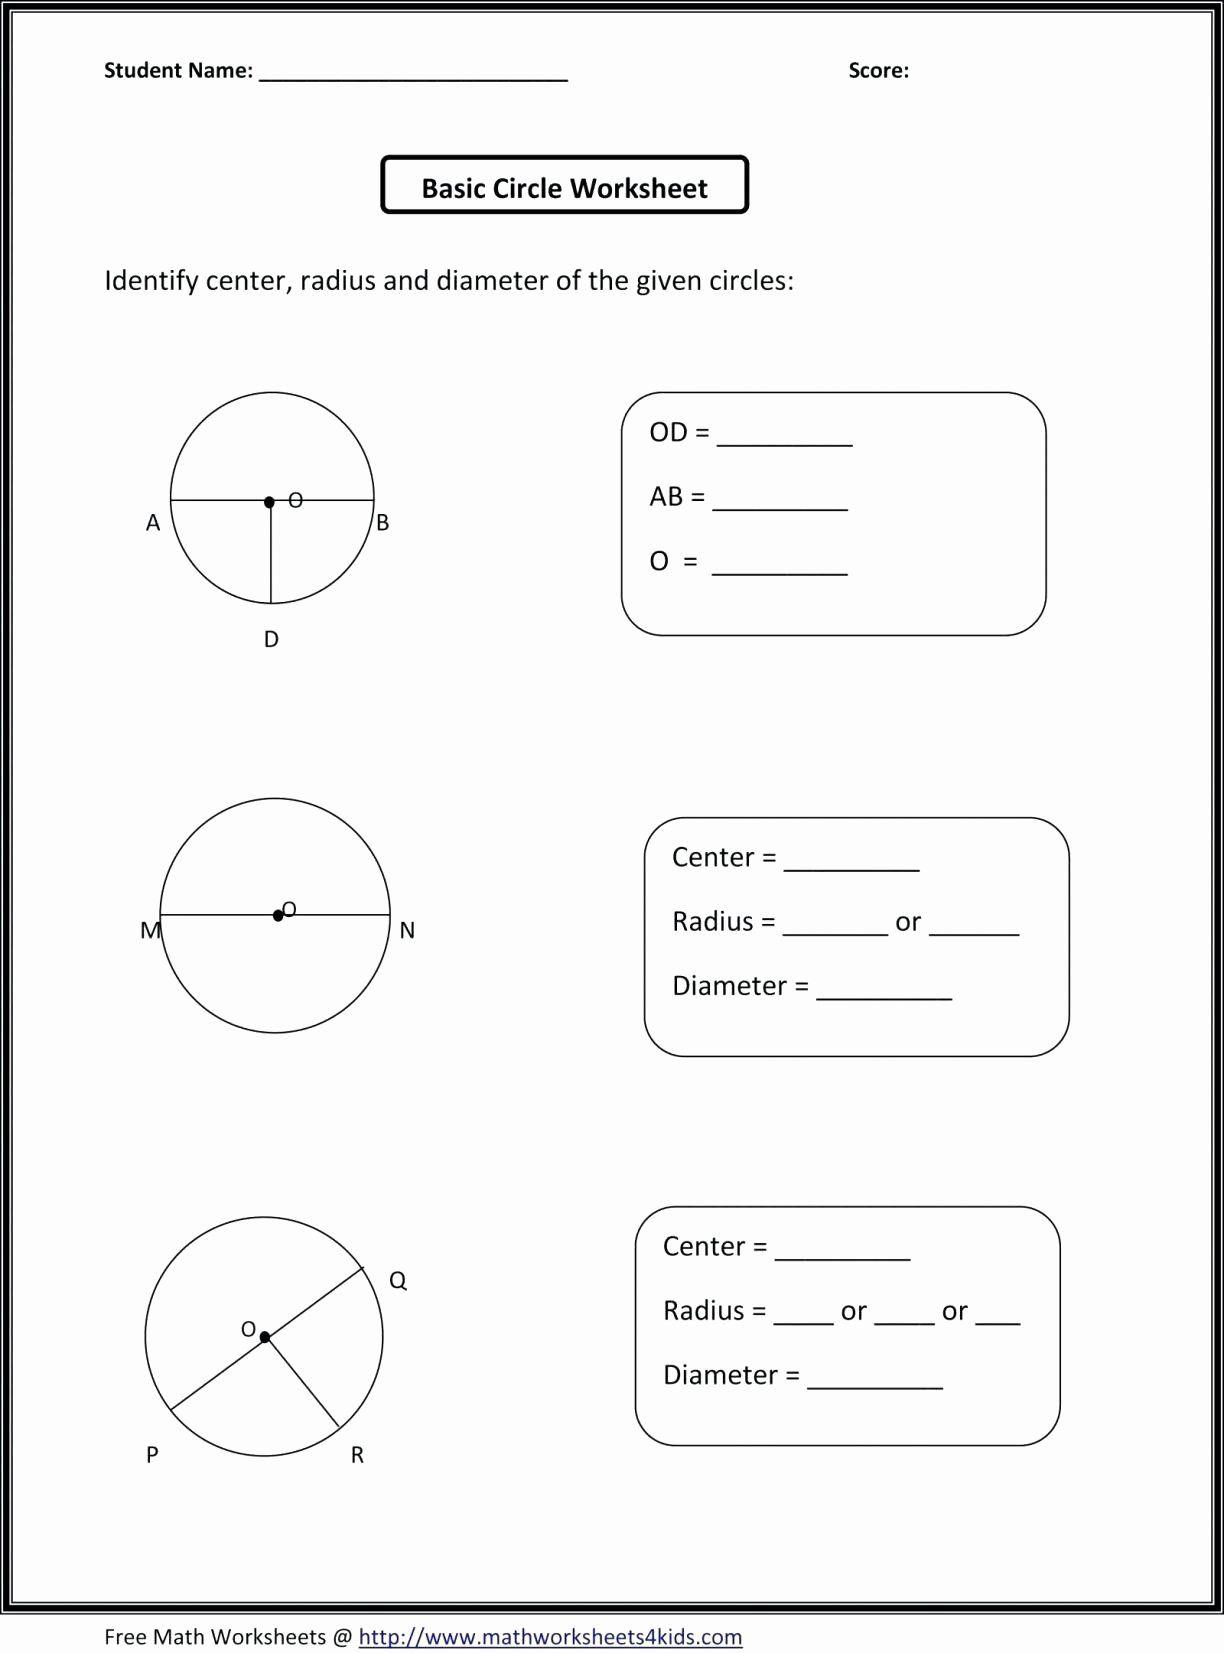 Cnn Students News Worksheet Fresh Cnn Student News Worksheet In 2020 Printable Math Worksheets Math Worksheets 3rd Grade Math Worksheets [ 1653 x 1224 Pixel ]